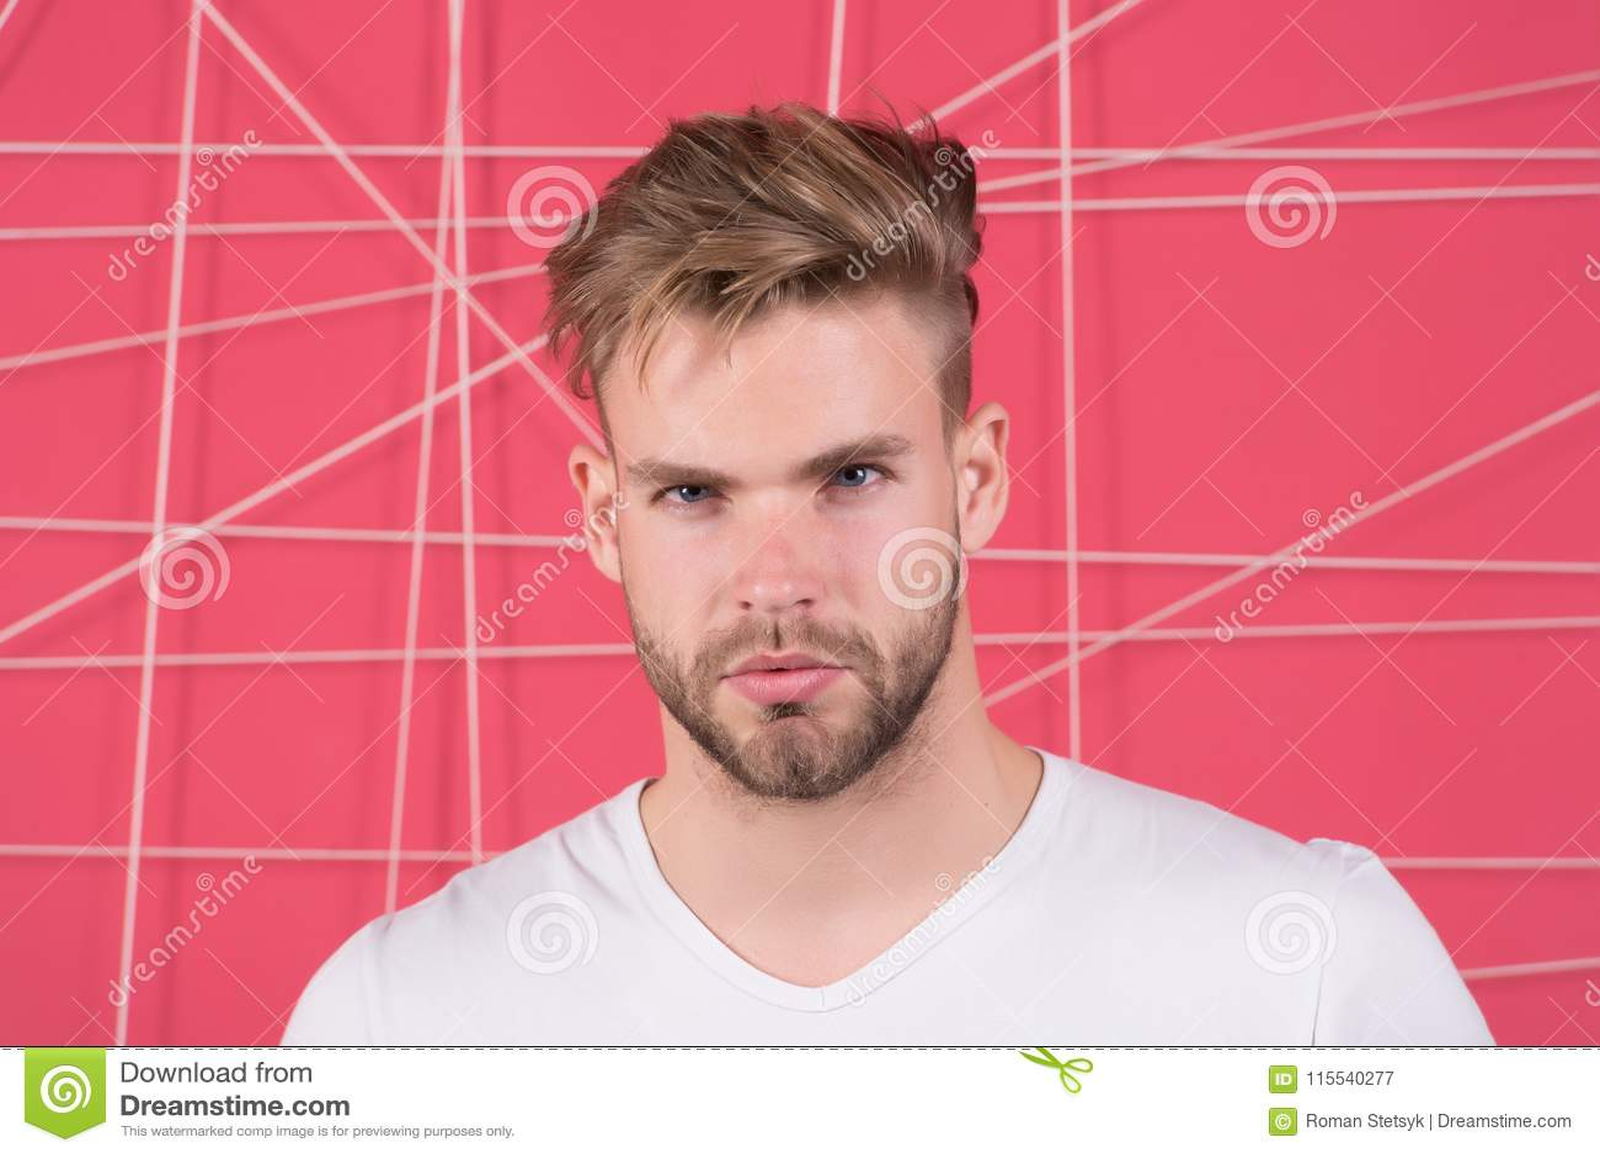 Macho Mit Bart Auf Unrasiertem Gesicht Bärtiger Mann Mit Dem Blonden